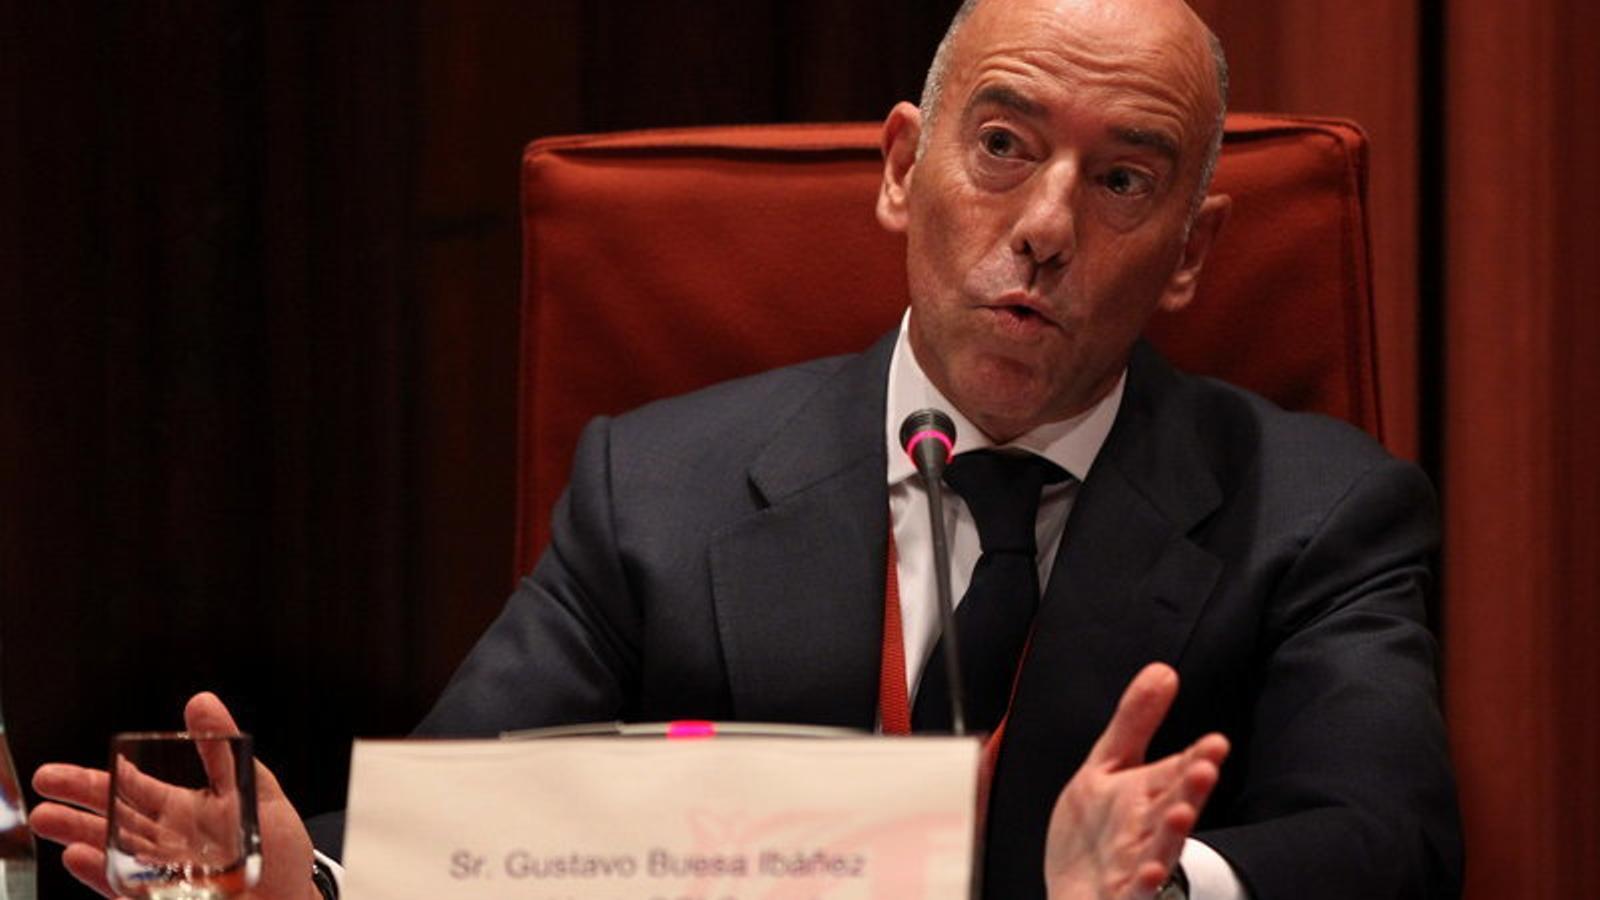 Gustavo Buesa va comparèixer a la comissió d'investigació del frau fiscal